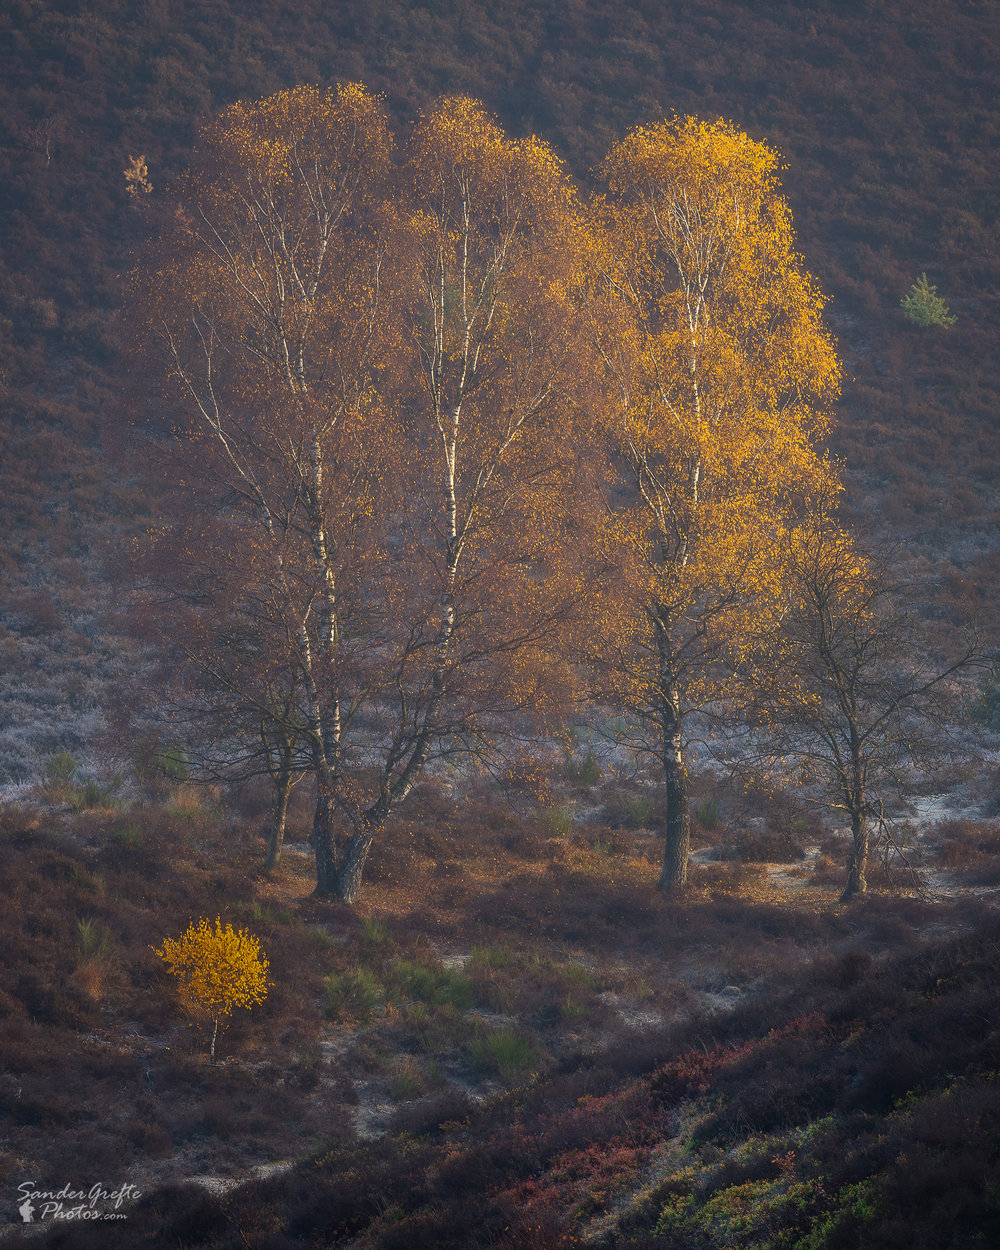 De laatste herfstkleuren op de Posbank (185mm, iso 100, f11, 1/13s)